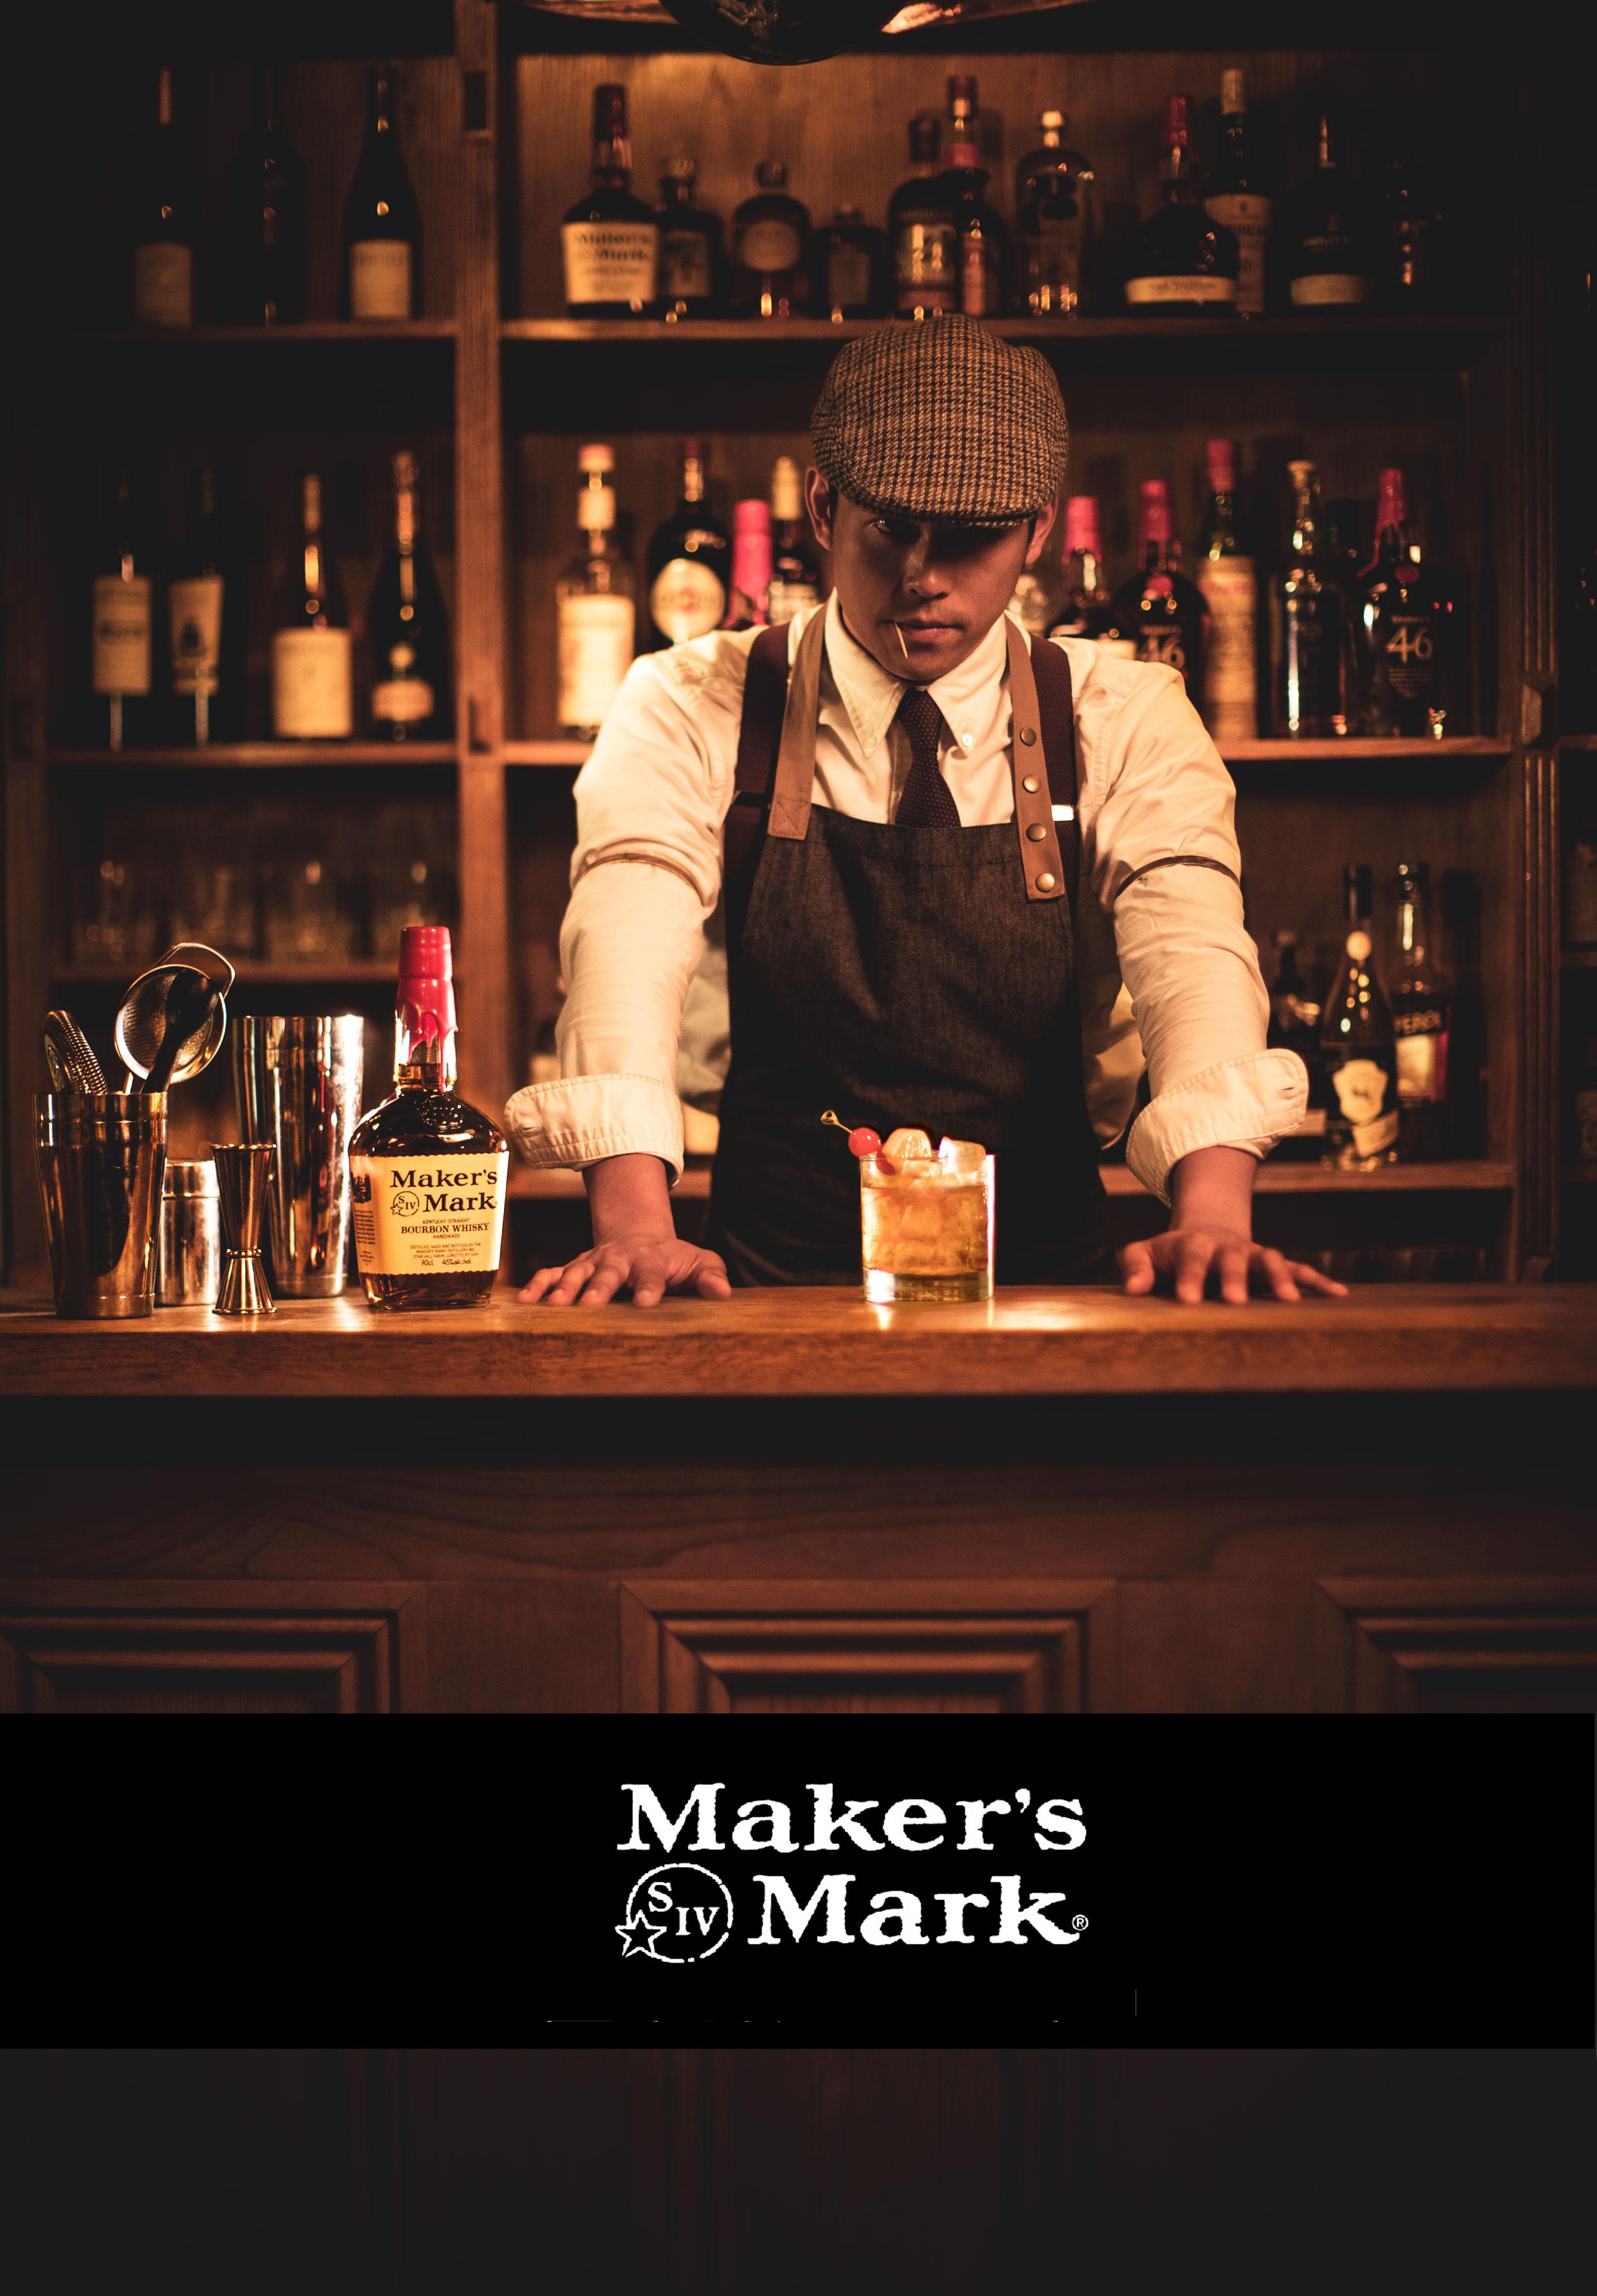 Maker's Mark Advertising